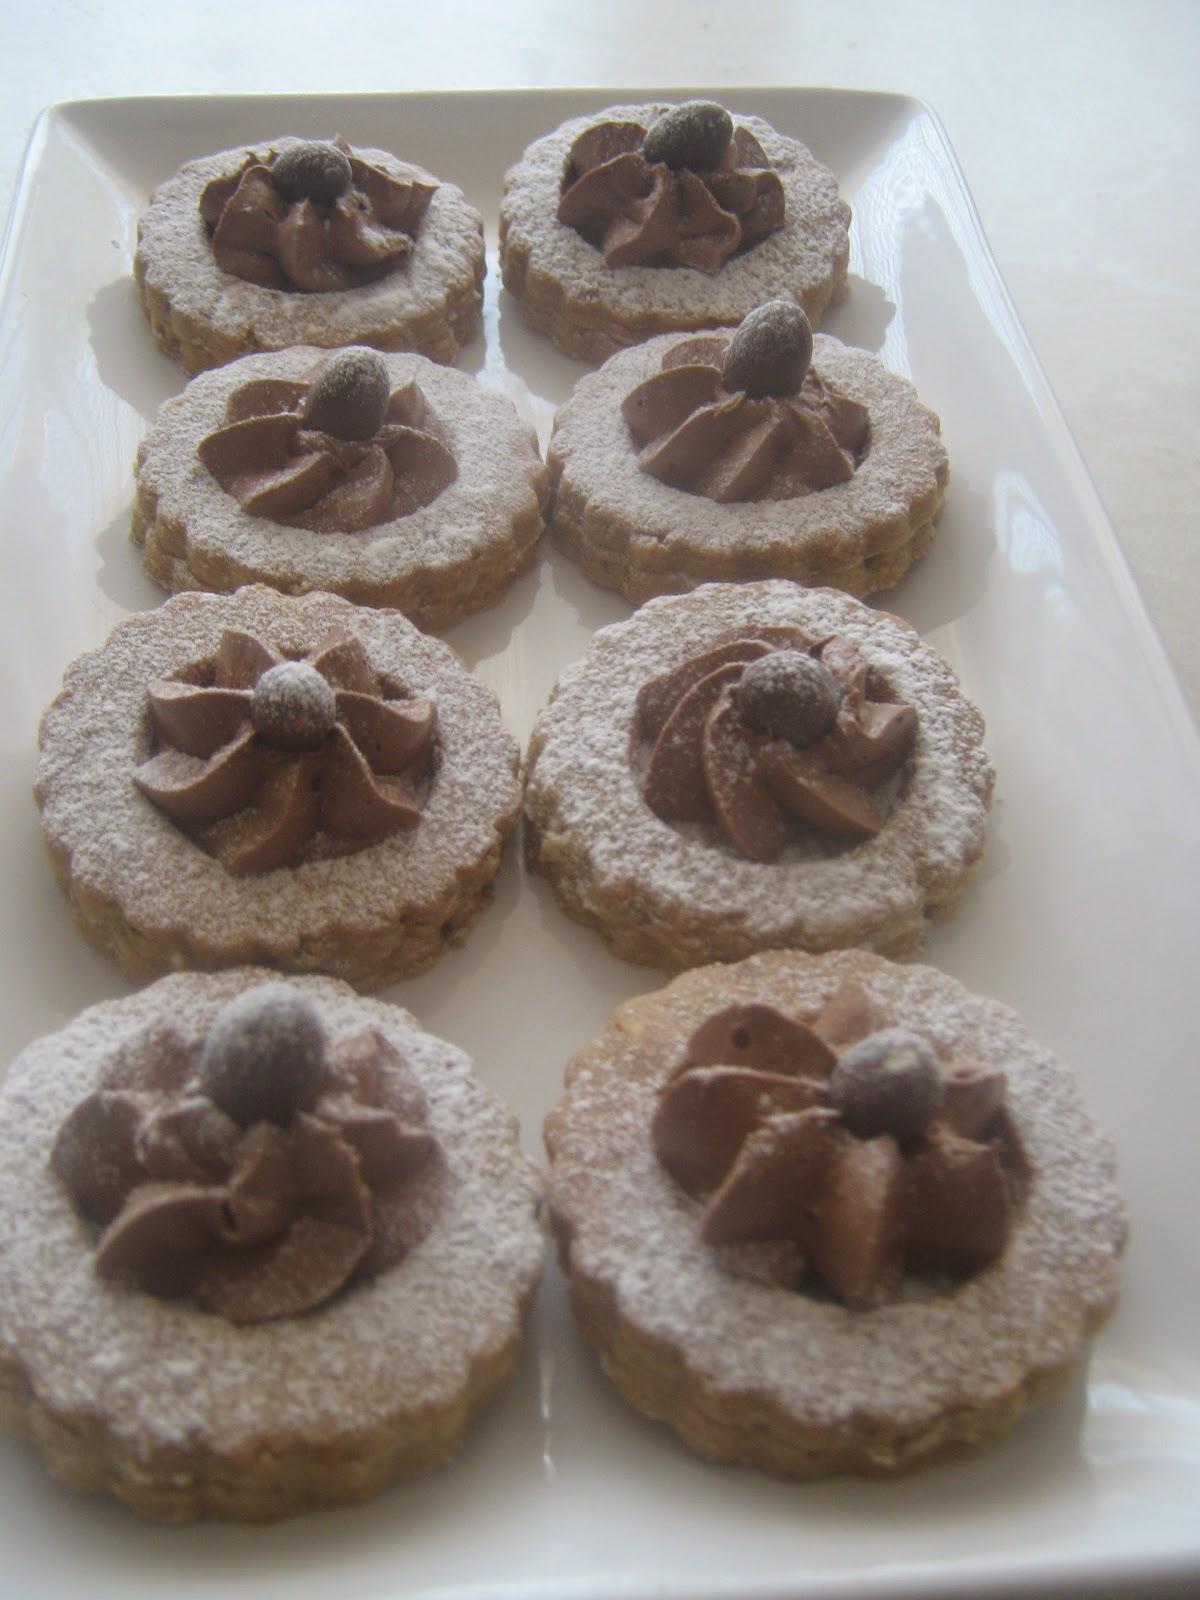 kurabiye,kremalı kurabiye,ganaj,fındık,fıstık,fındıklı kurabiye,pastane